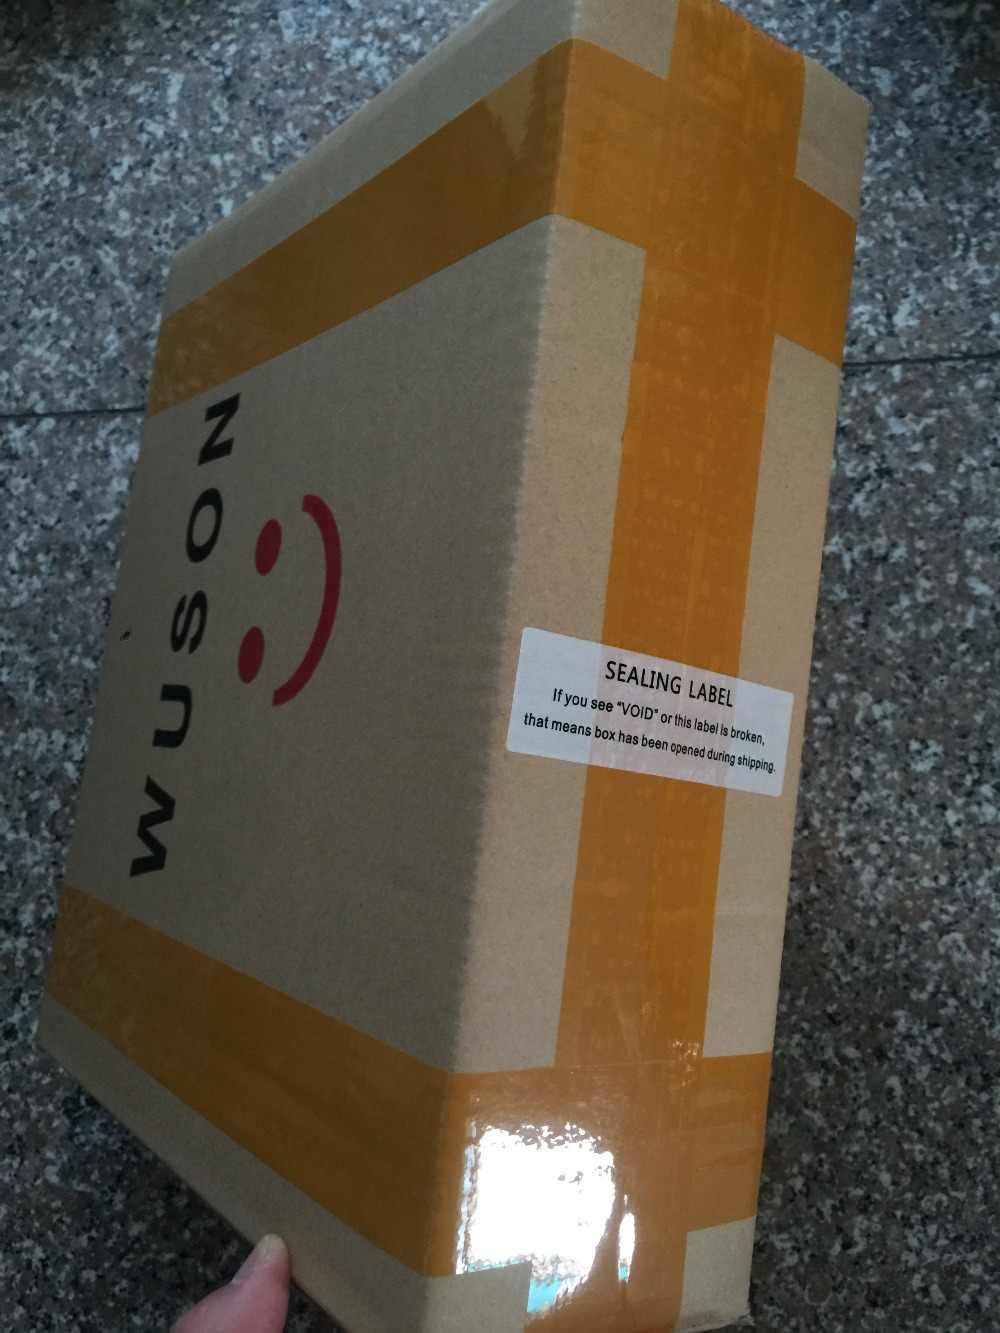 يوصي العلامة التجارية هوانان تشى ديلوكس X79 LGA2011 اللوحة كومبو M.2 NVMe فتحة وحدة المعالجة المركزية إنتل زيون E5 2670 C2 مع برودة RAM 64G RECC